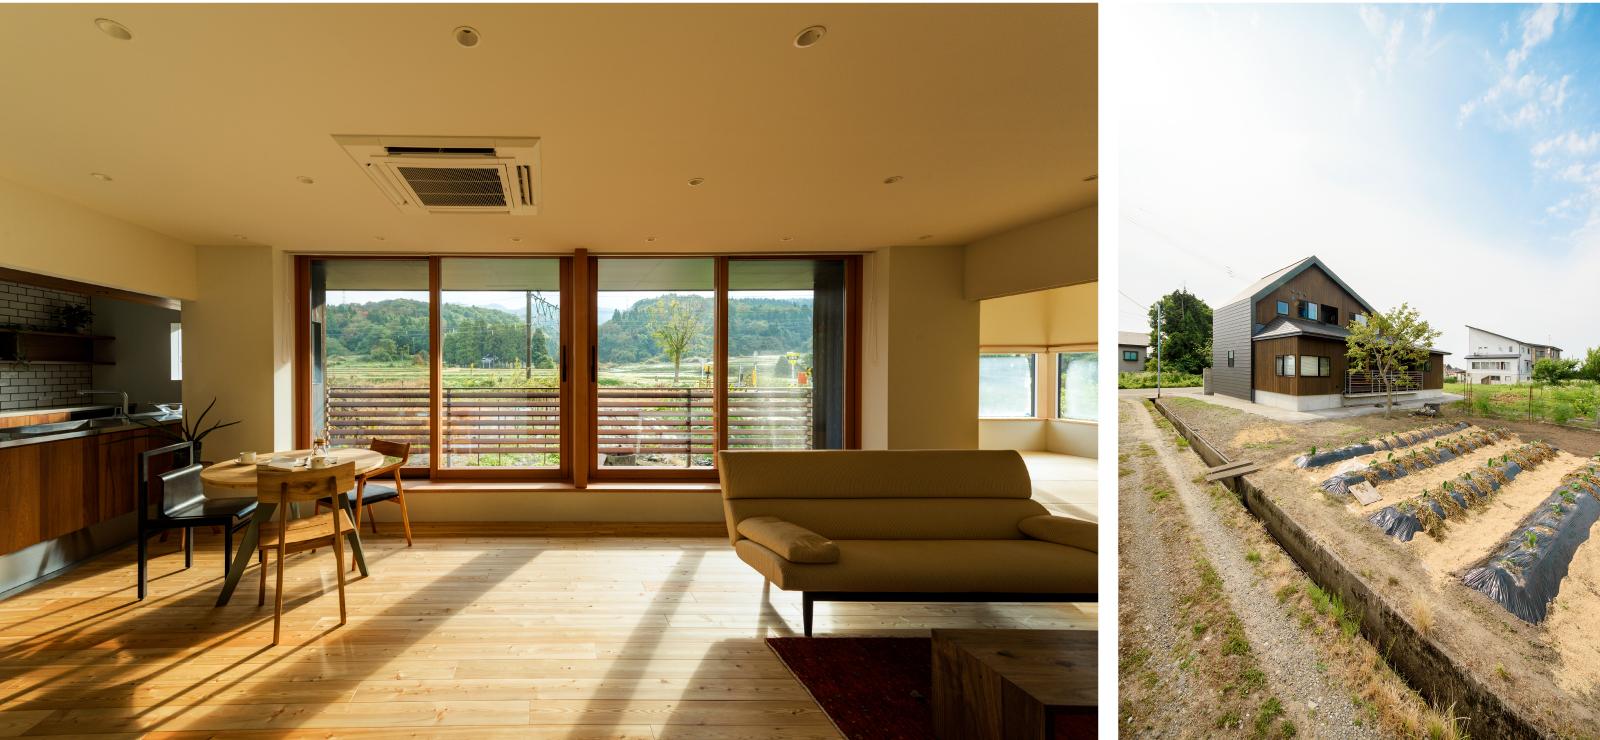 長岡市峰の家、リビングからは山々を一望できる。